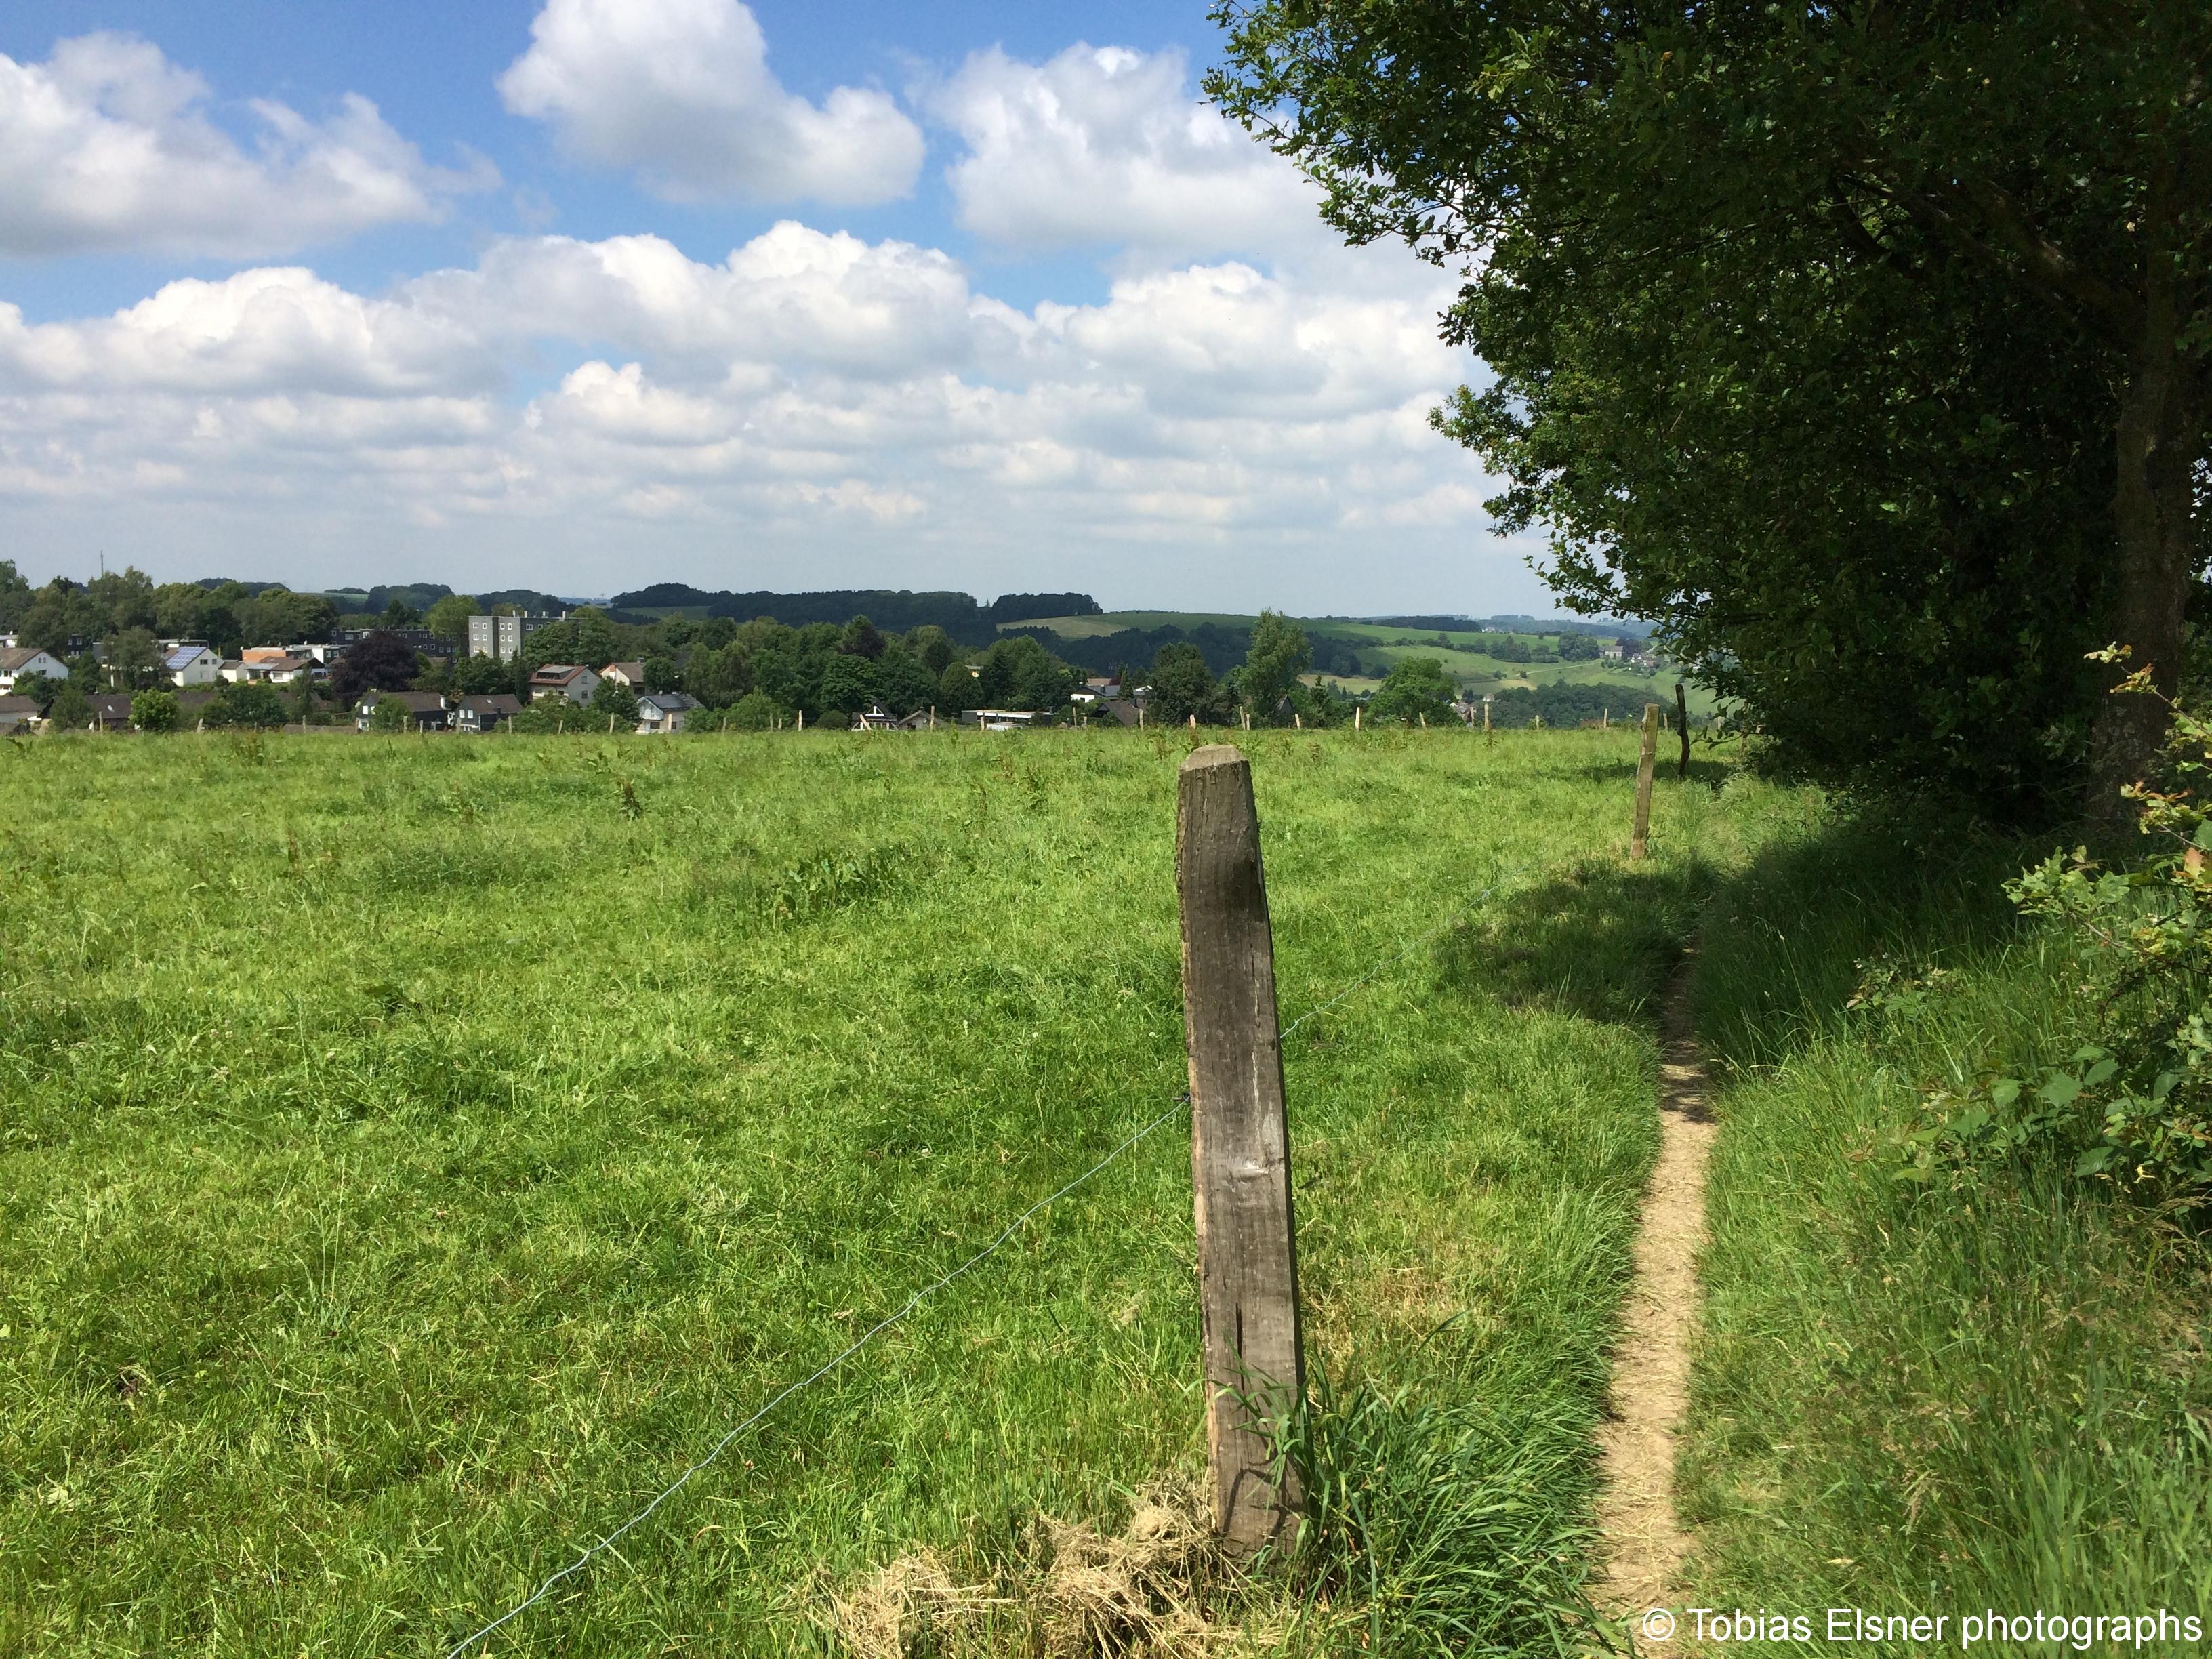 Wanderung Wald Wasser Wolle Weg Radevormwald 2014 Nr.38